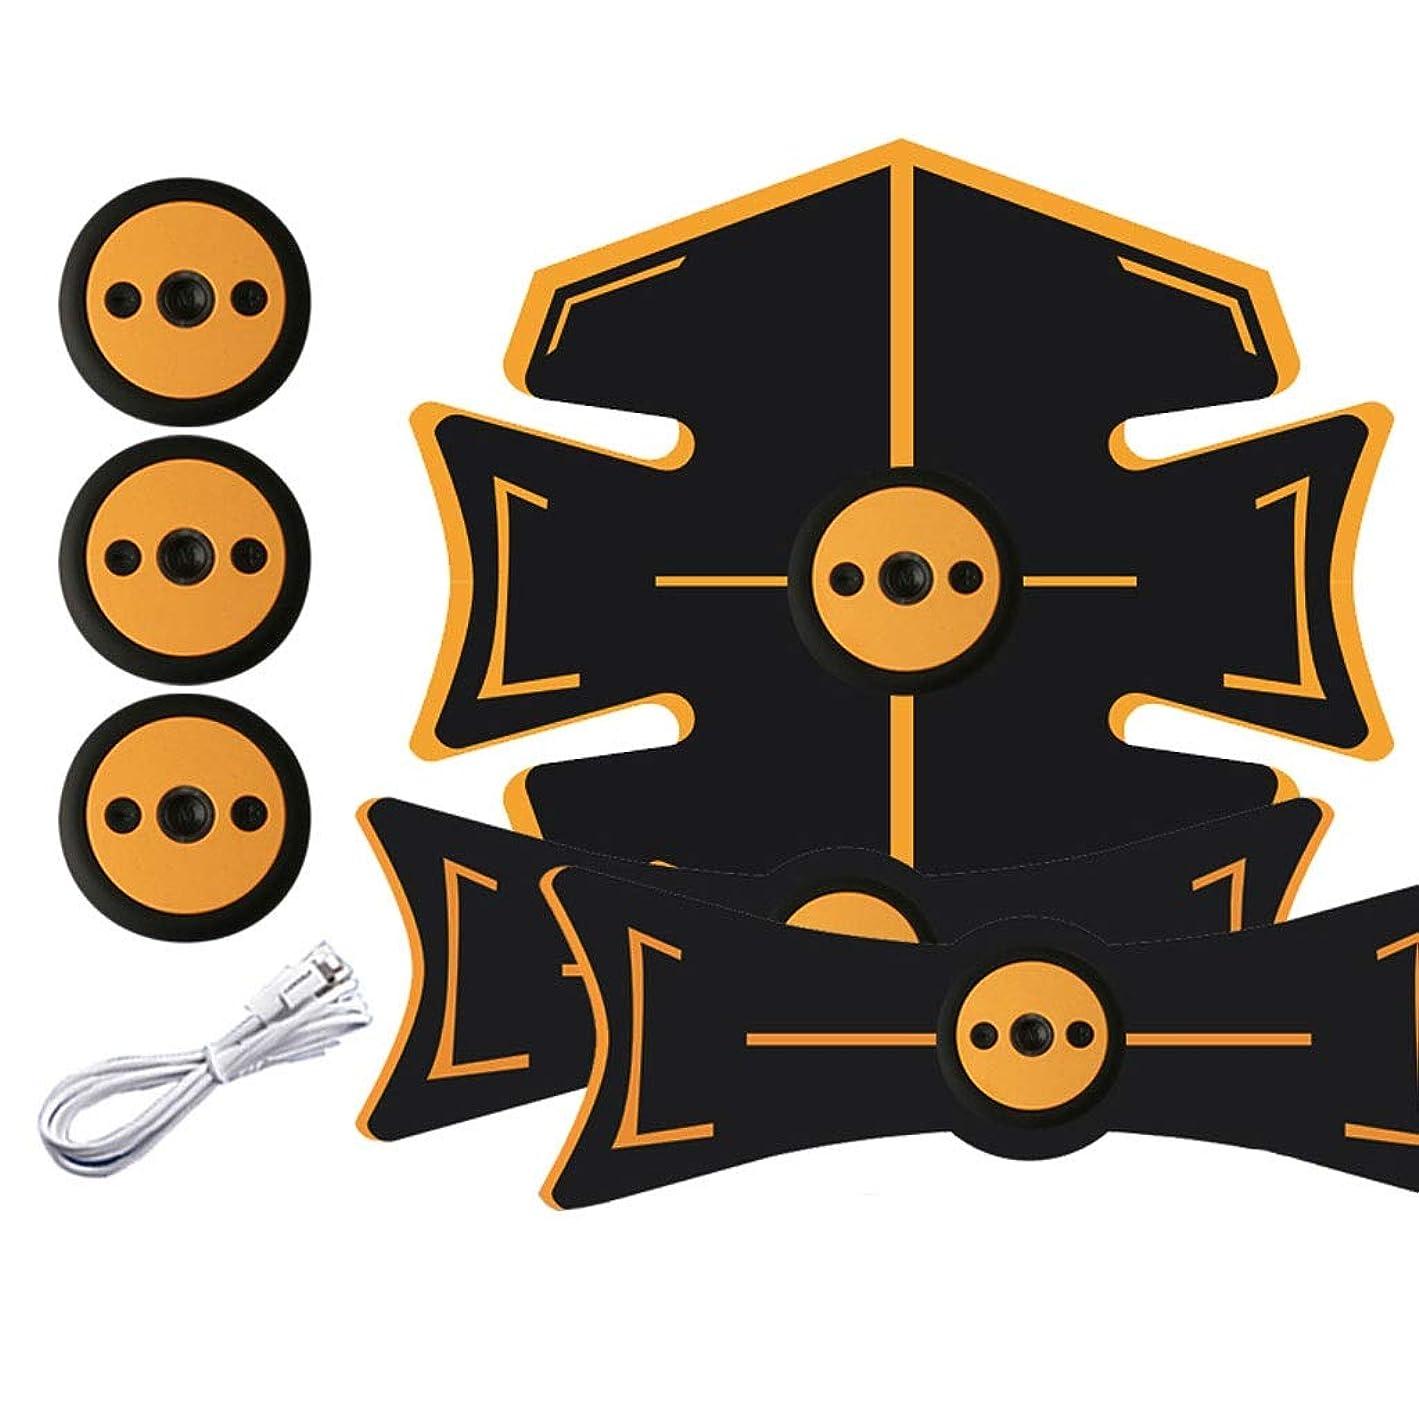 財布トライアスロン幸運なことに腹部刺激装置、腹部調色ベルト、マッスルトナー、ポータブルマッスルトレーナー、ボディマッスルフィットネストレーナー9モード&15レベル腹部用シンプル操作